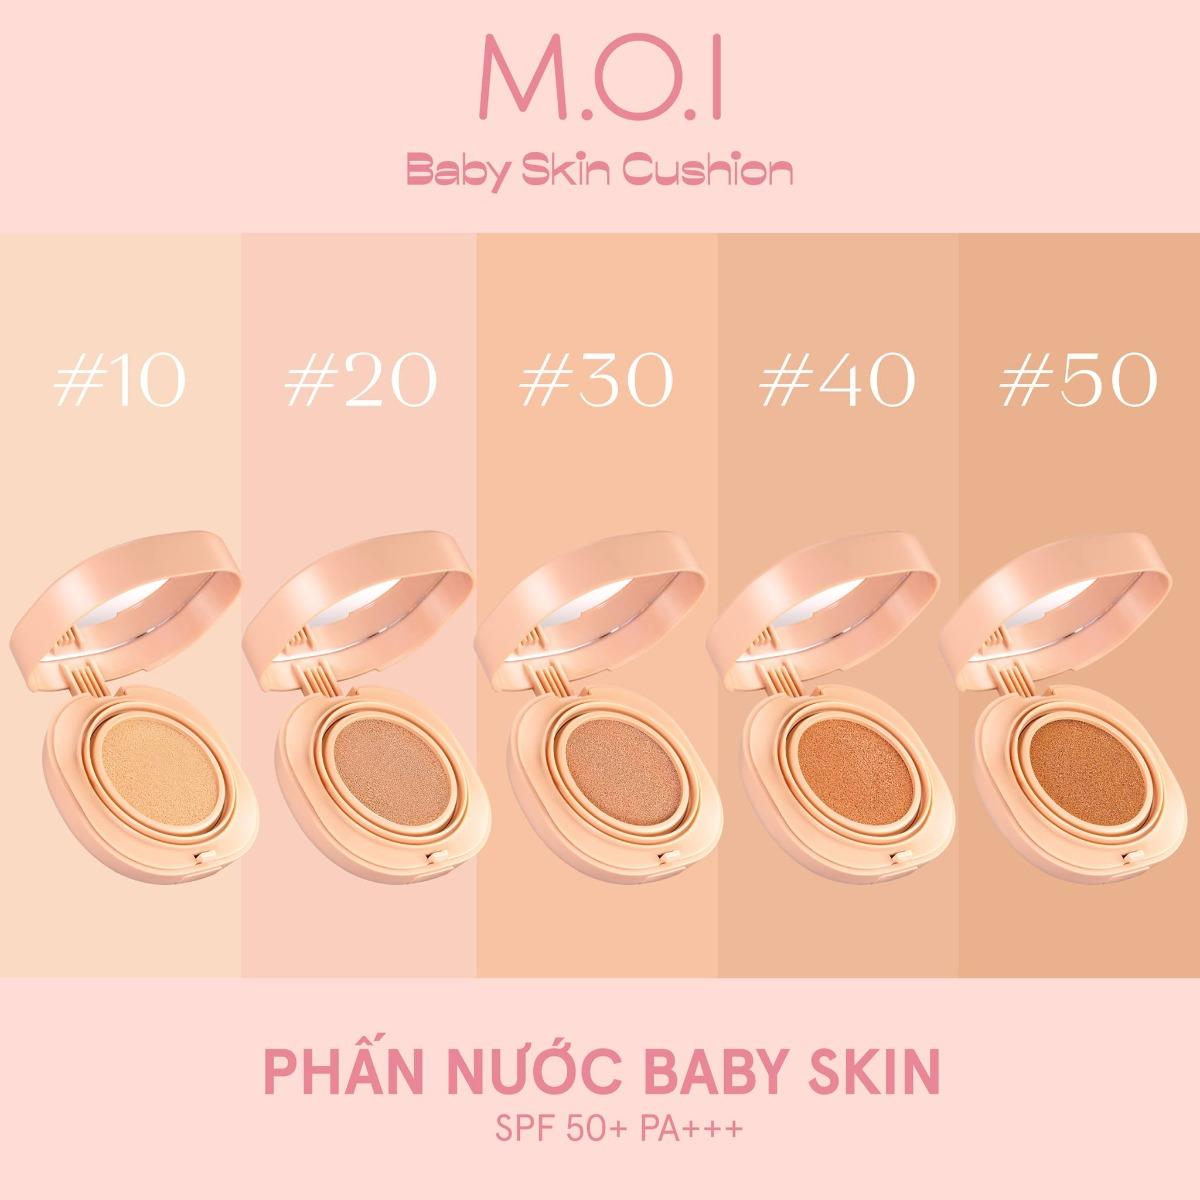 Phấn Nước M.O.I Baby Skin Cushion có 5 tông màu từ ngăm đến sáng hợp với làn da của phụ nữ Á đông.